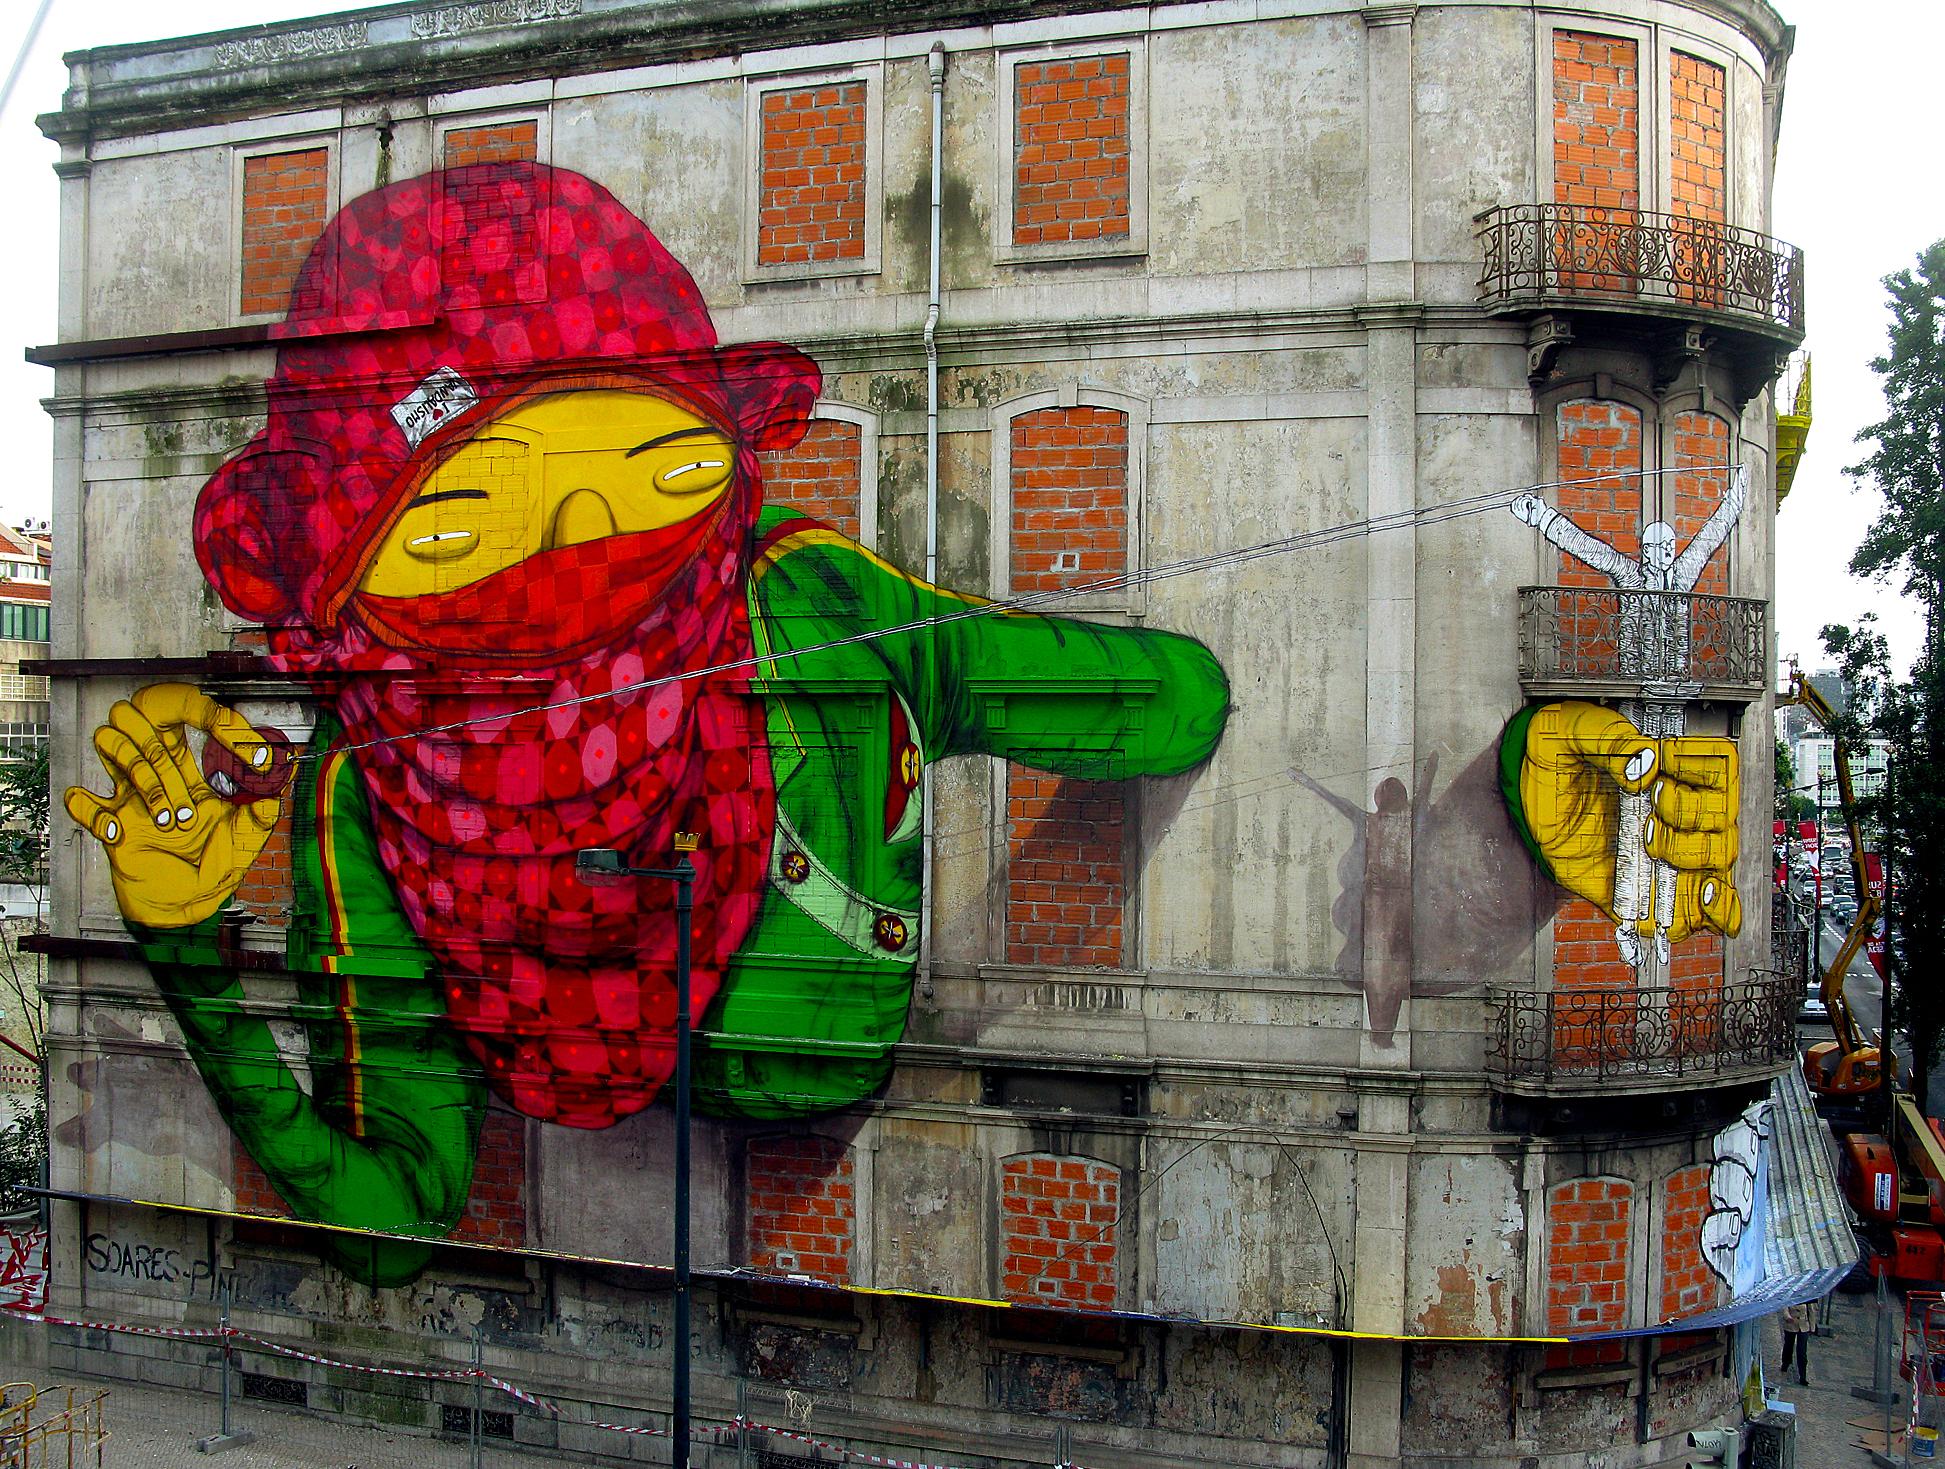 самые крутые граффити в мире фото отличие многолетних разновидностей